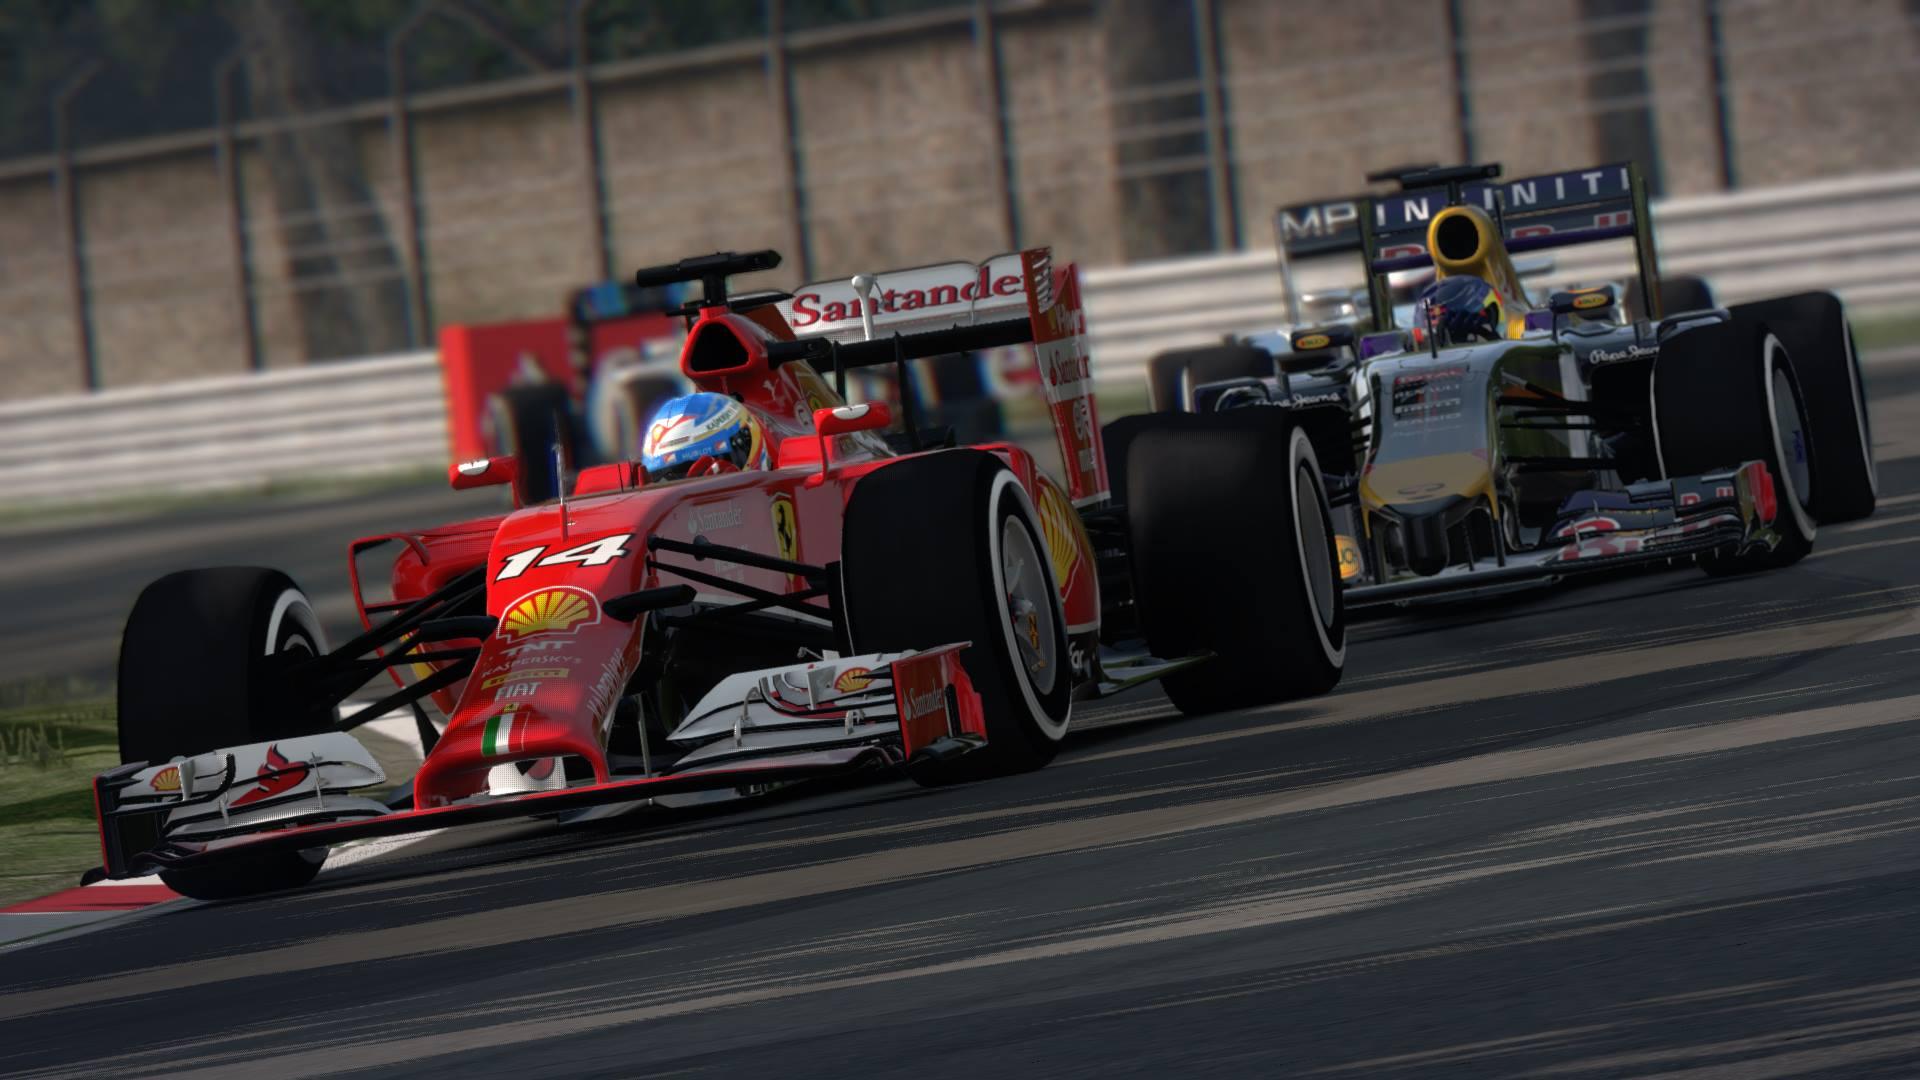 F1 2014 Vs. Assetto Corsa: Egymás ellen a hivatalos F1-es játék és a szimulátor - Ferrari V6 turbó, Alonso